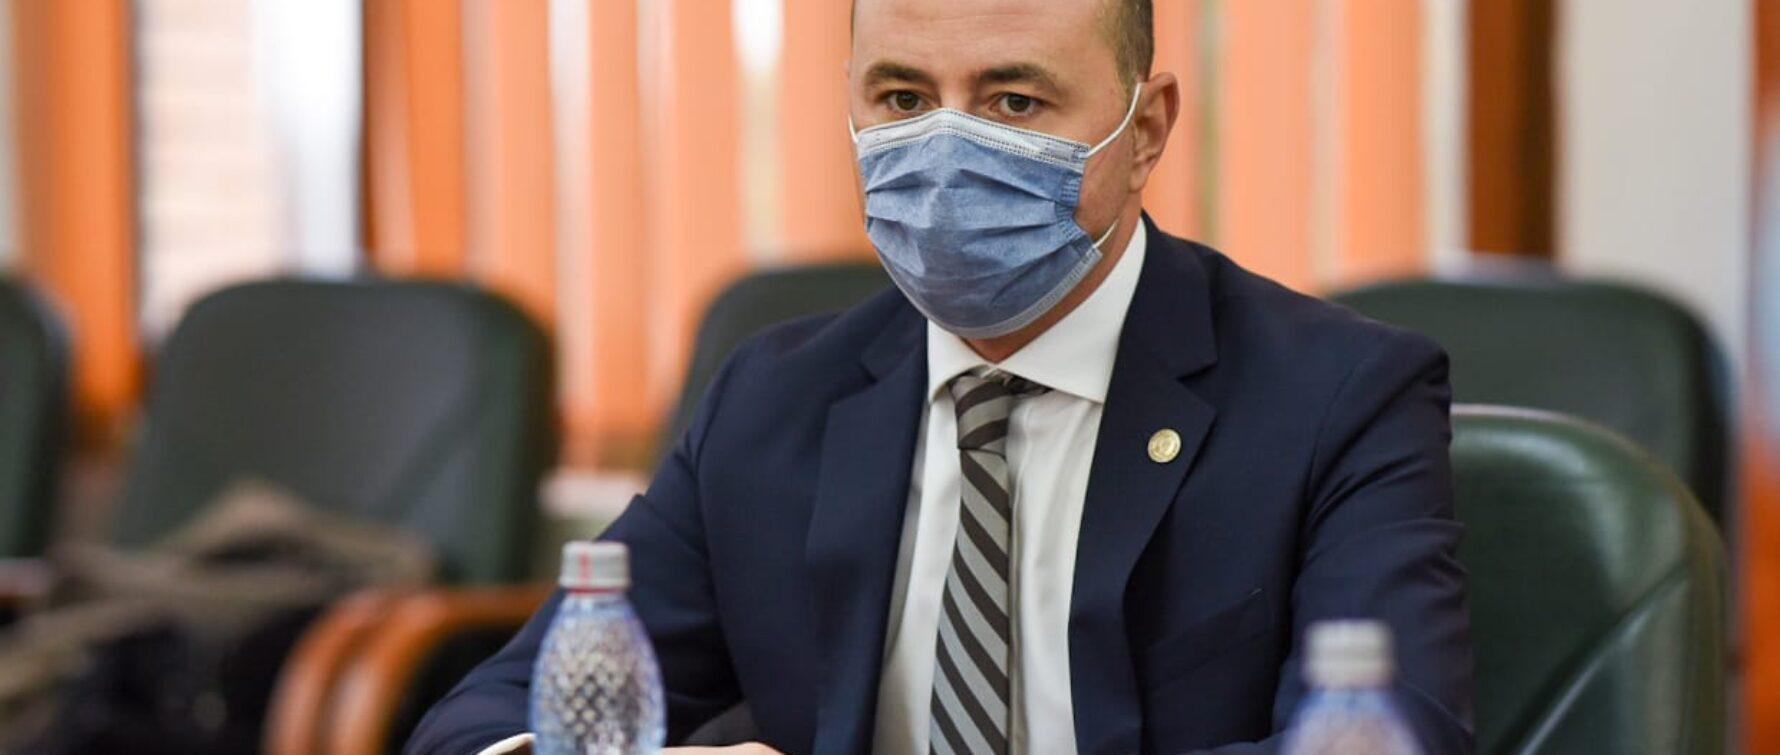 Soluția alegerilor anticipate susținută de PSD ar fi o catastrofă umanitară pentru România.